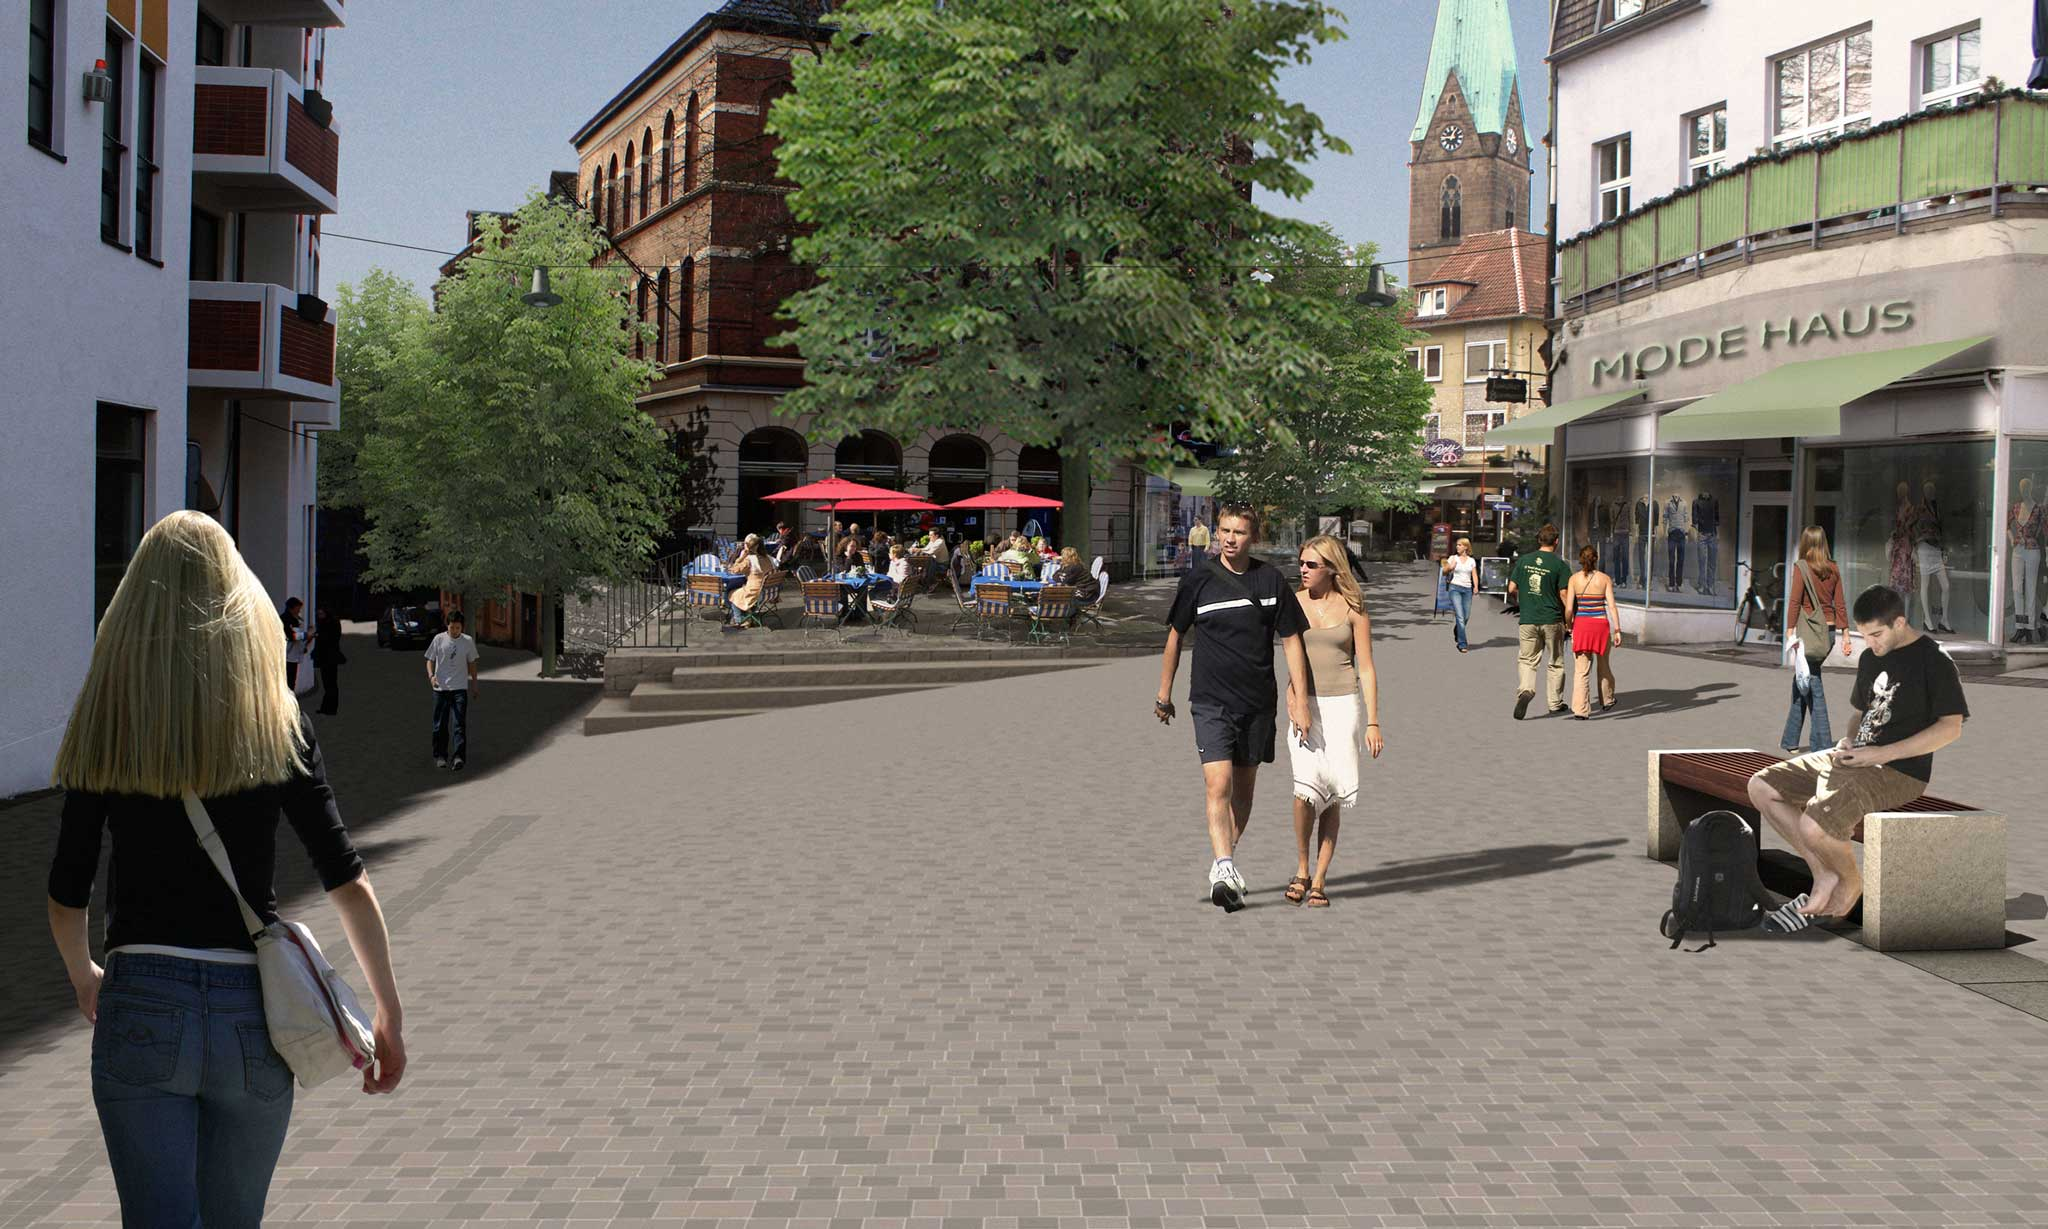 Landschaftsarchitektur Minden Fußgängerzone - Perspektive